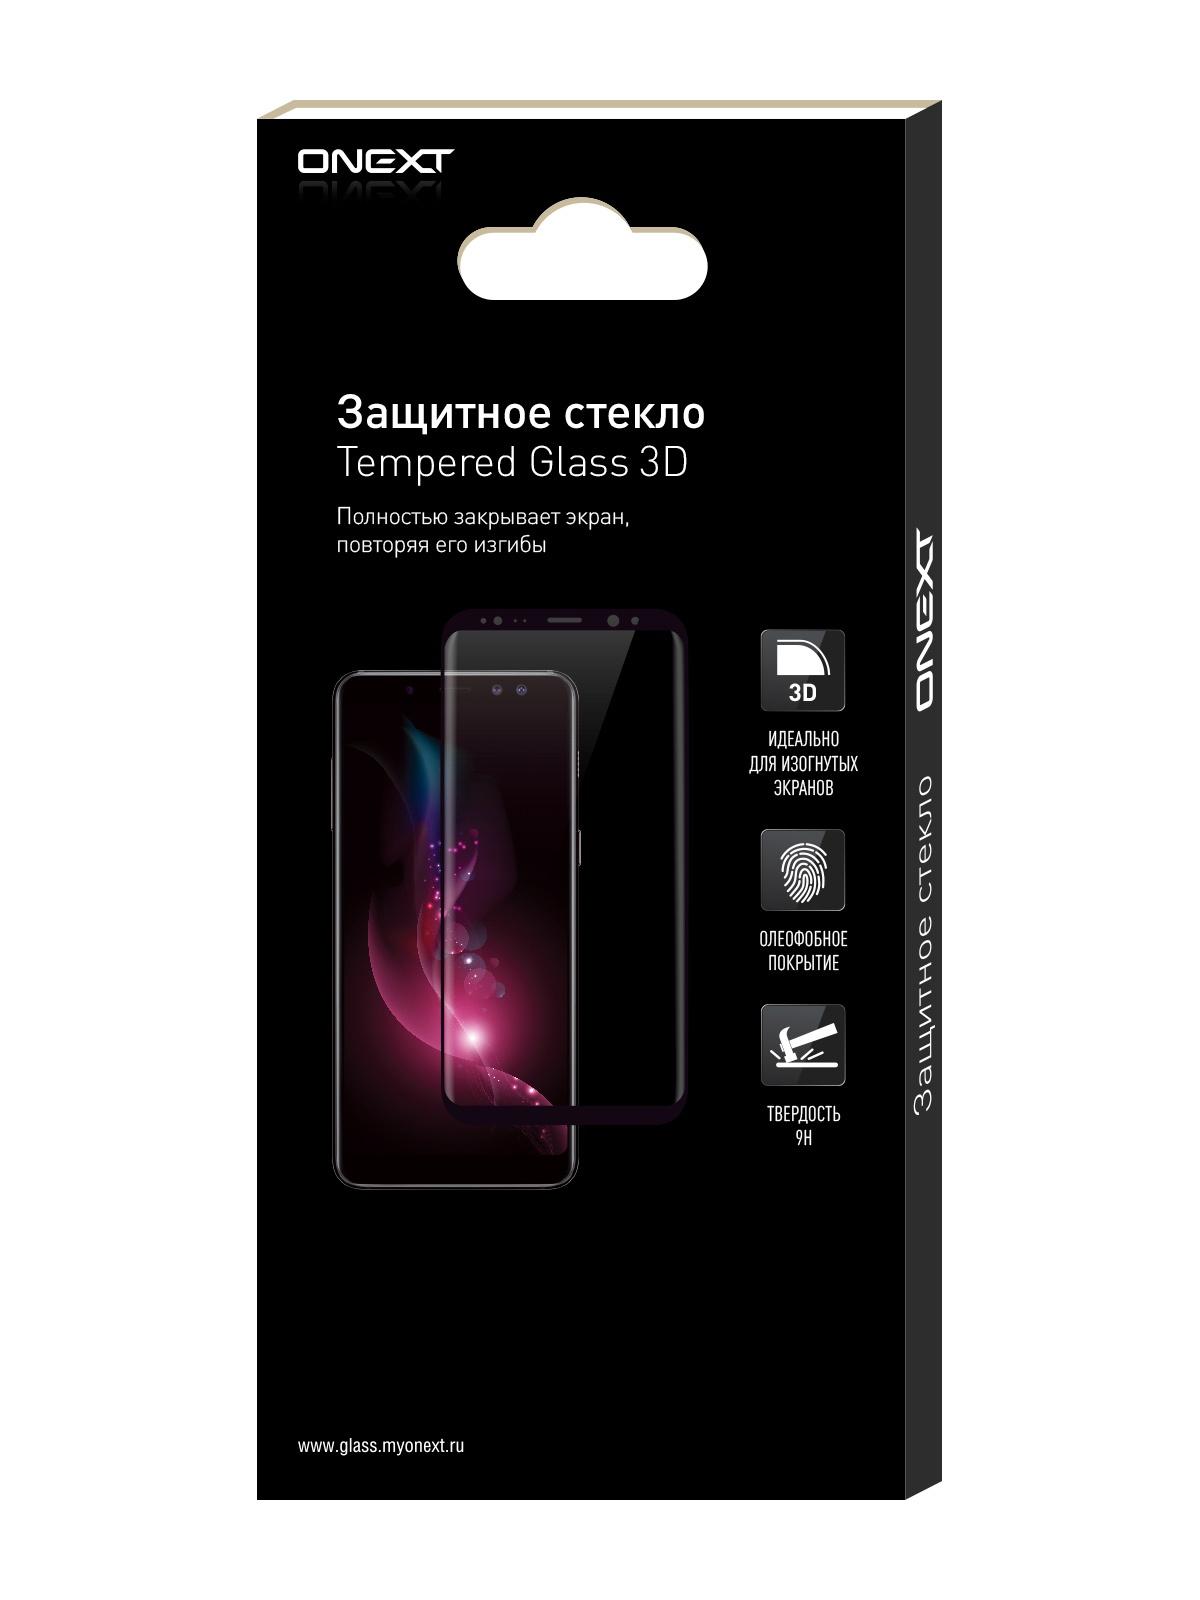 Защитное стекло ONEXT Nokia 6.1 3D